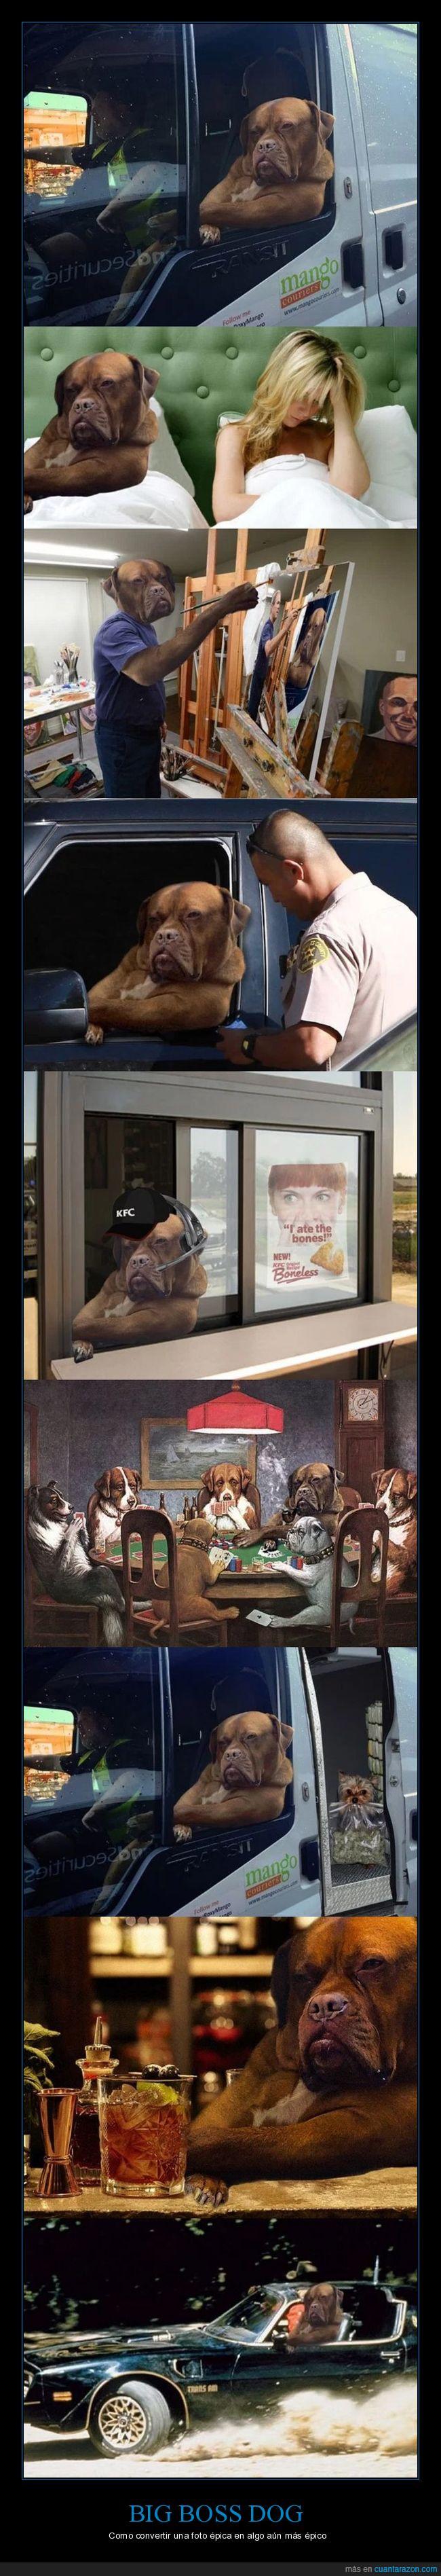 coche,internet,perro,photoshop